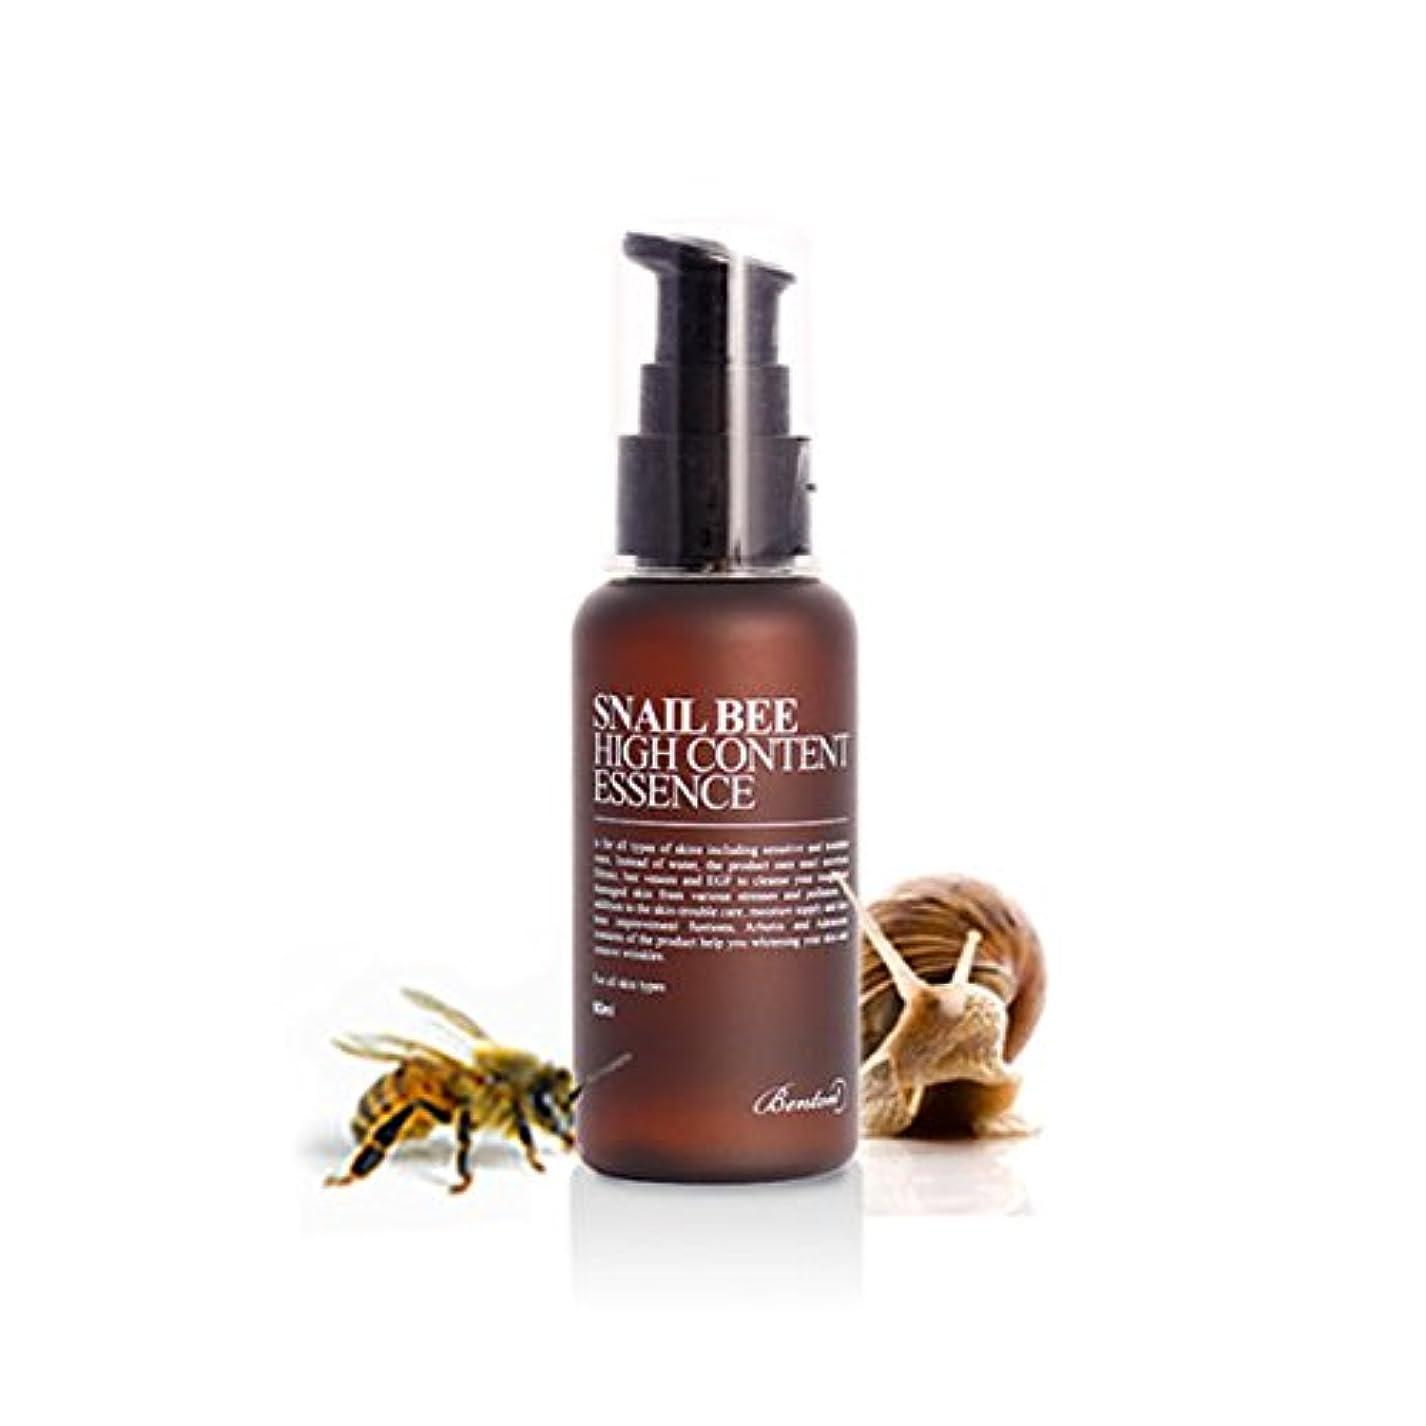 インストラクターリラックスジャベスウィルソン[ベントン] Benton カタツムリ蜂ハイコンテンツエッセンス Snail Bee High Content Essence 60ml [並行輸入品]